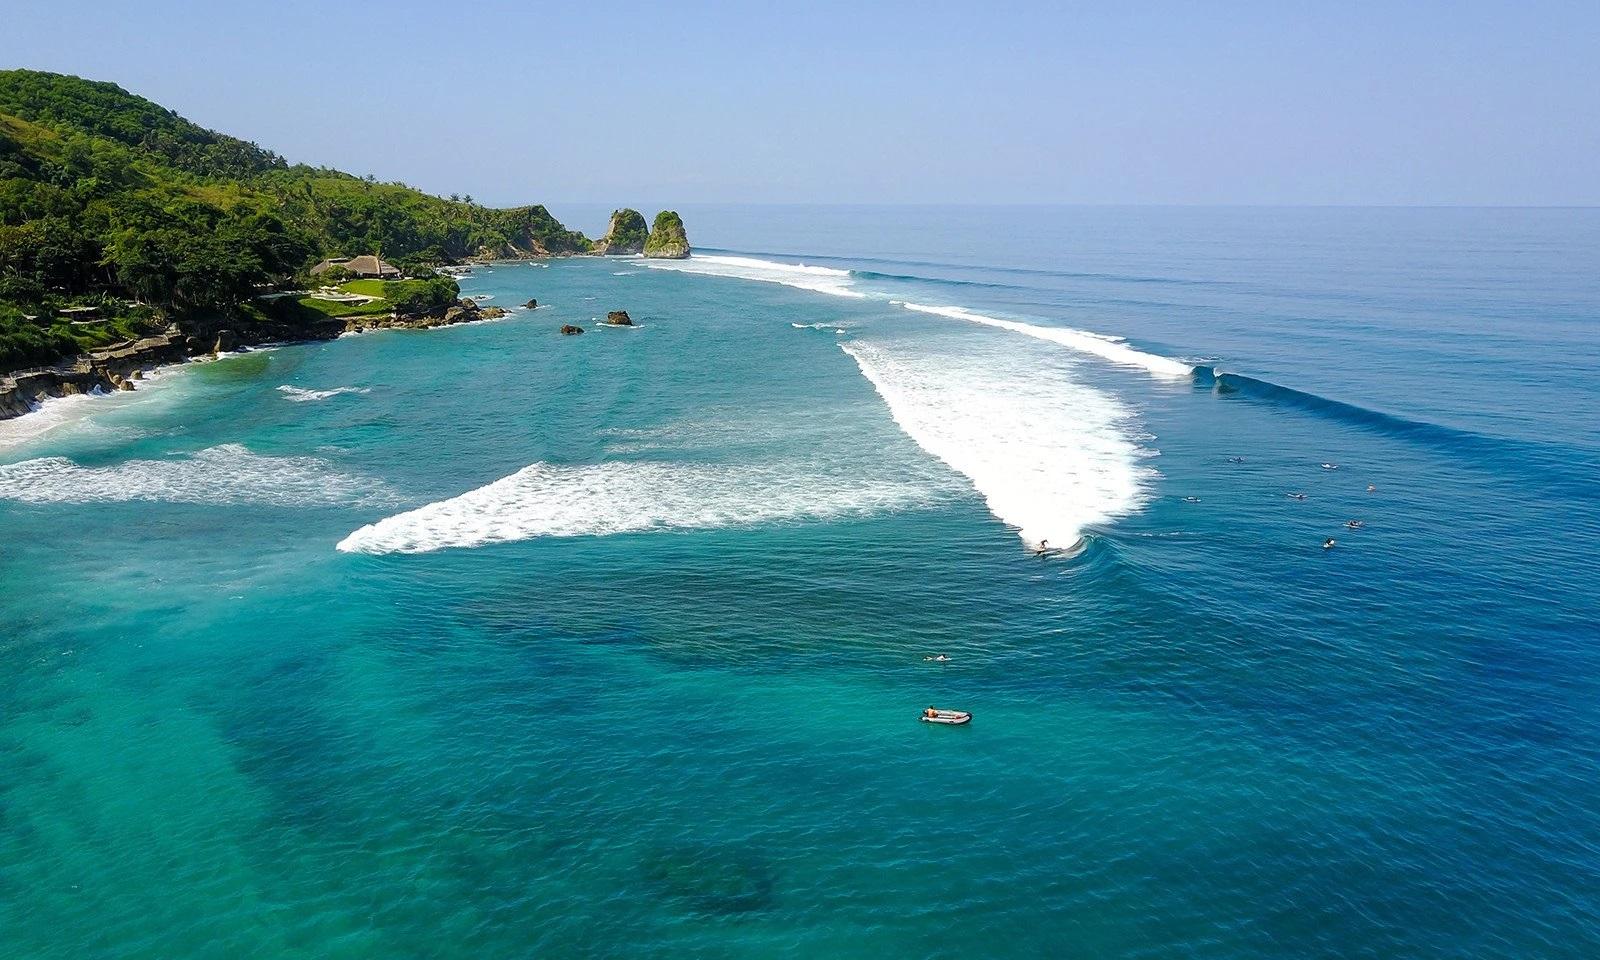 best waves for surfing in nihiwatu beach